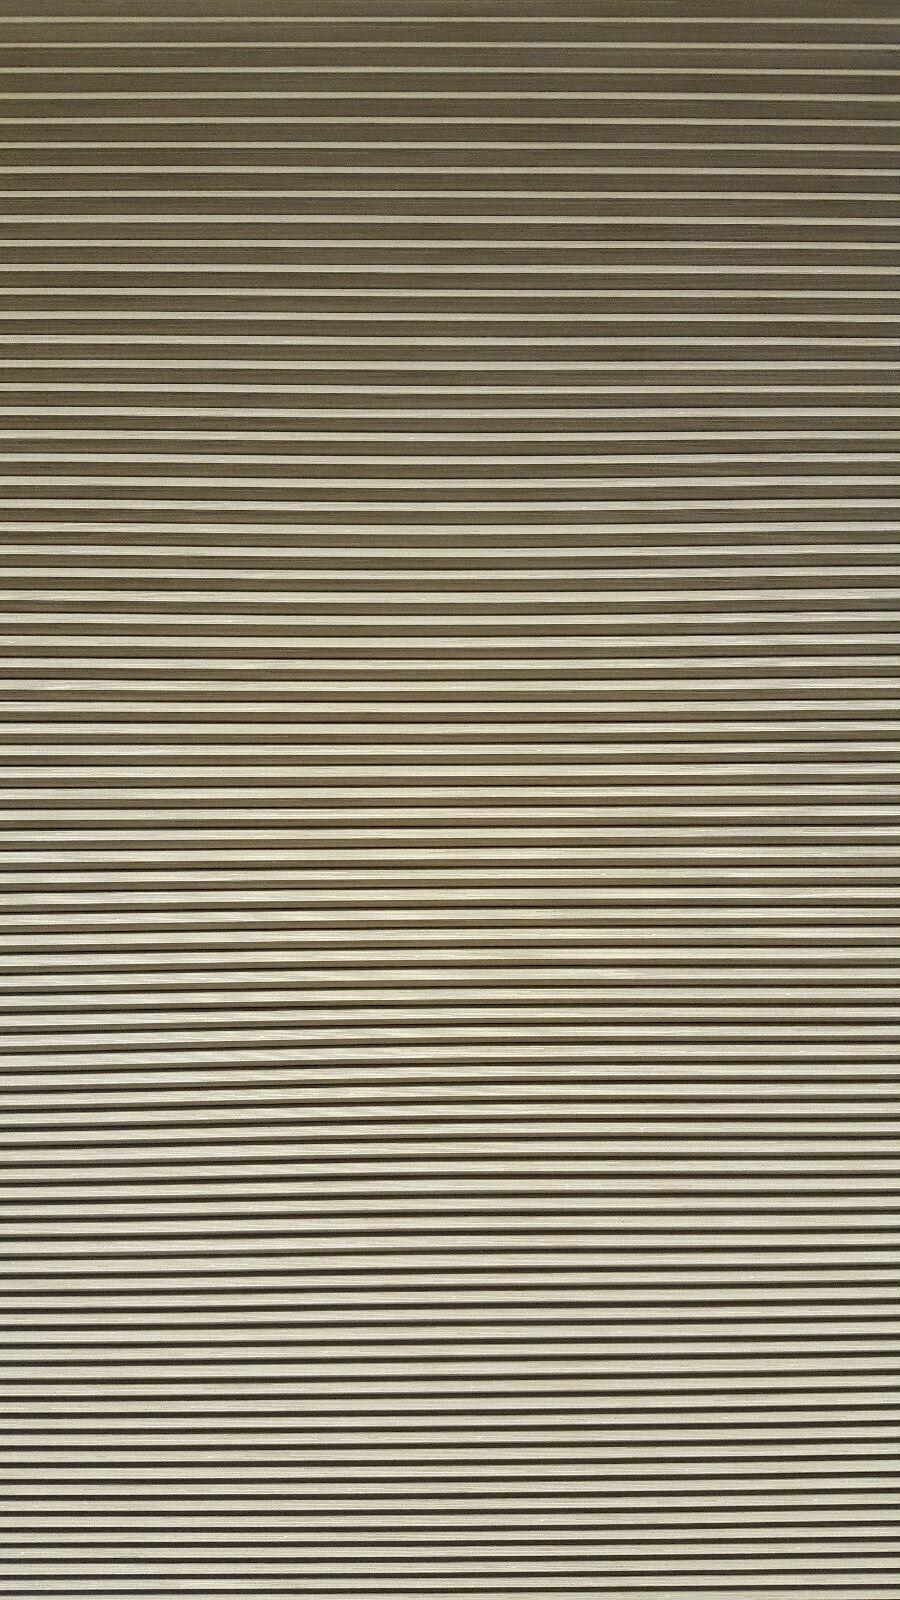 Wabenplissee verdunkelnd verdunkelnd verdunkelnd für Roto 847  9 11  Dachflächenfenster 4da1c3